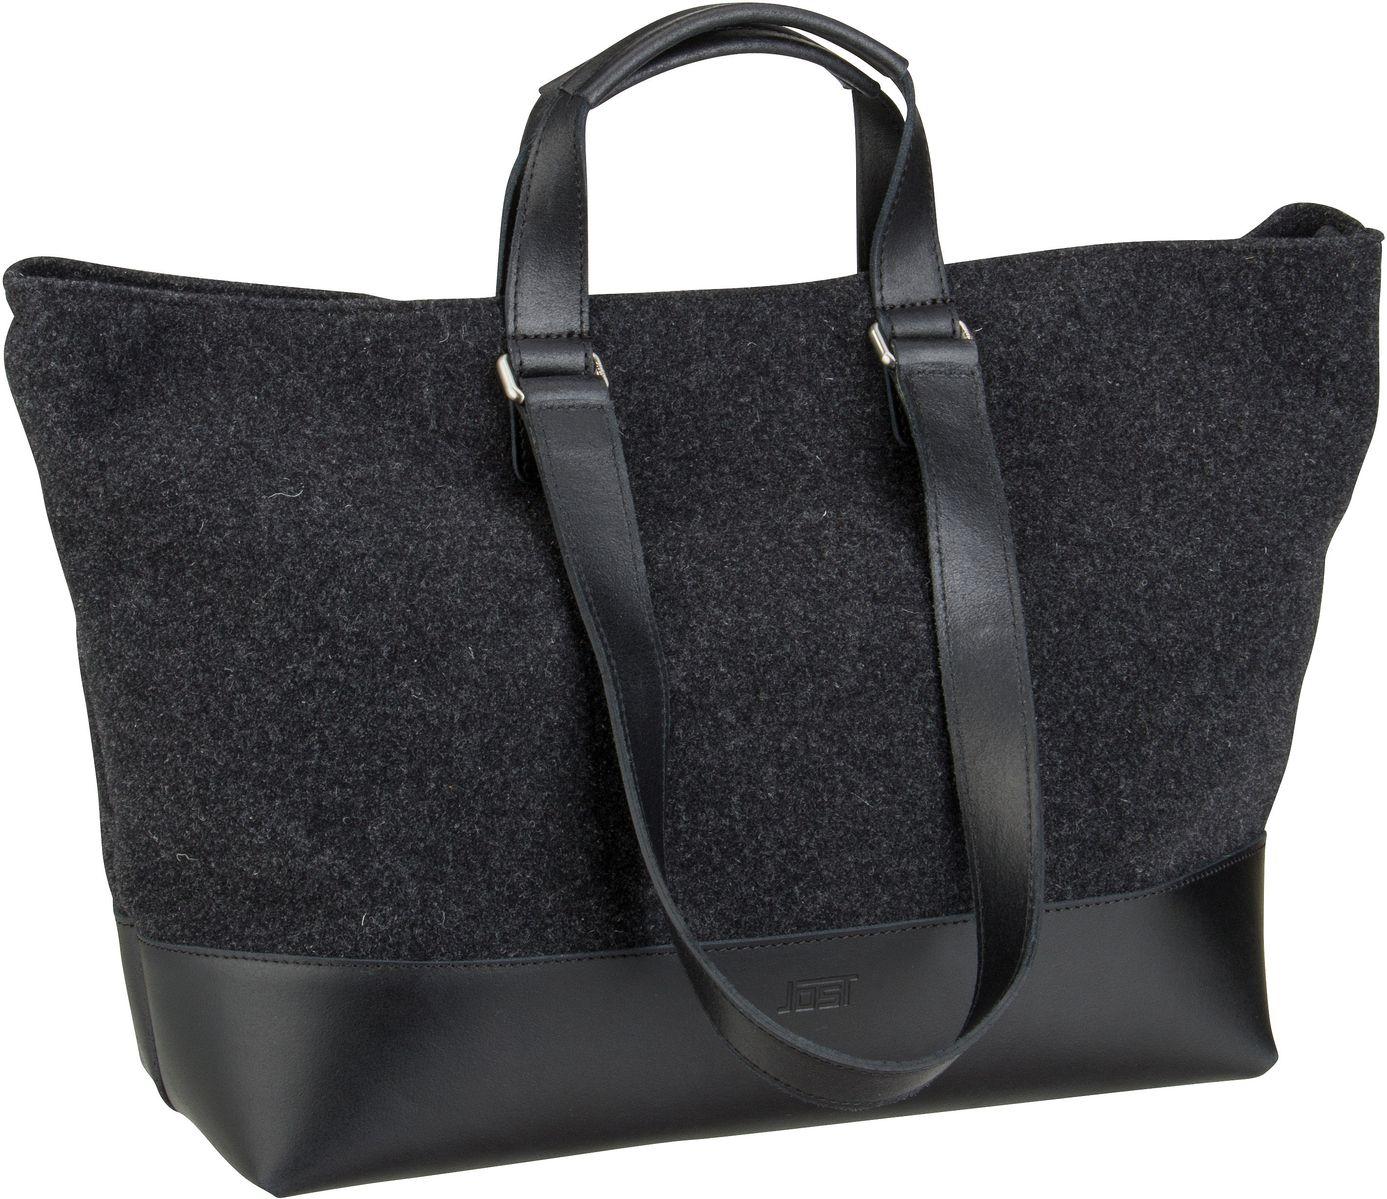 Handtasche Farum 3032 Shopper Black